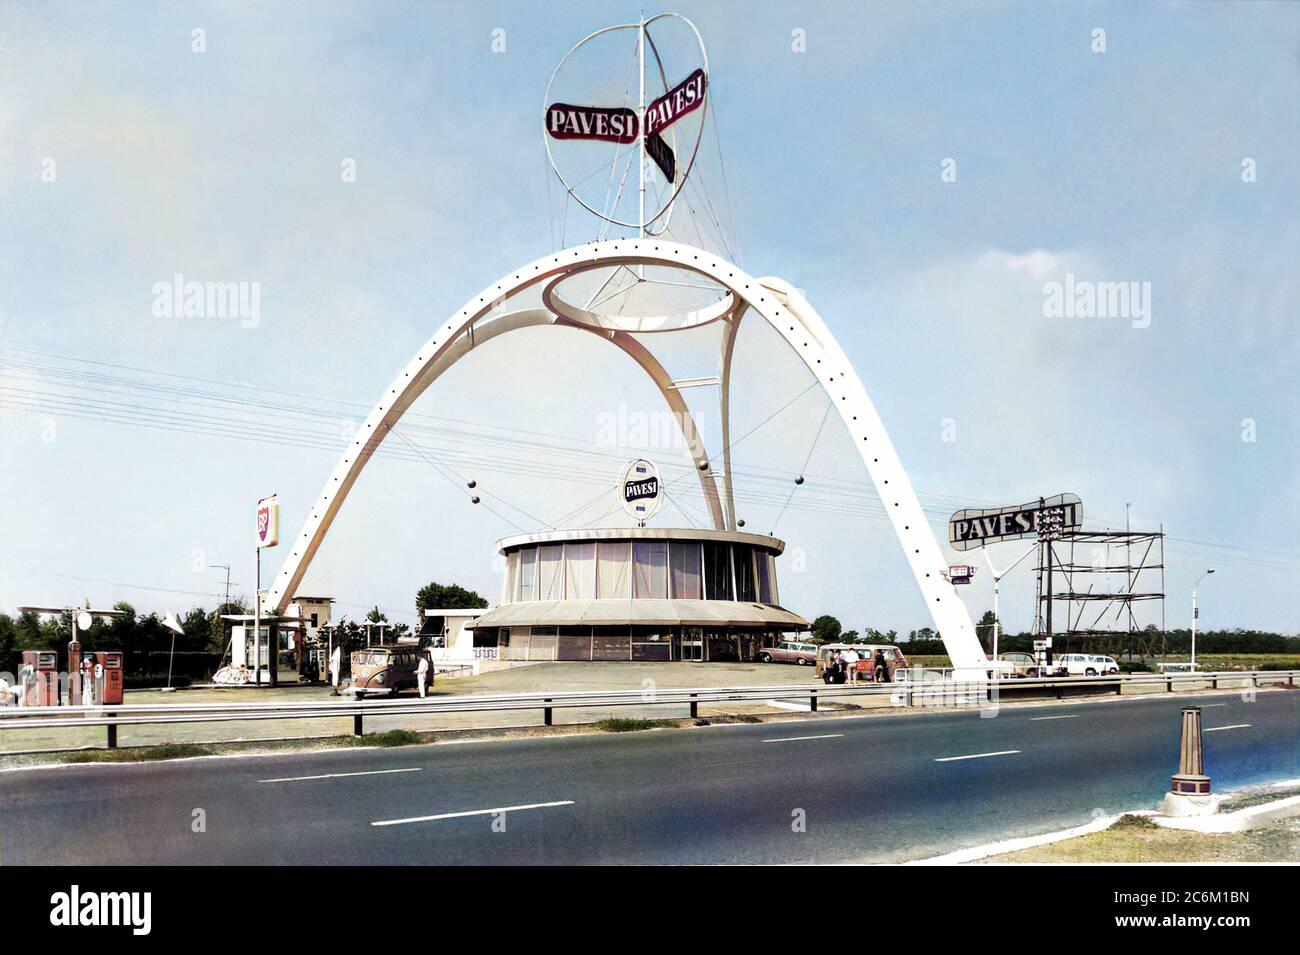 1960 , LAINATE , Milan , ITALIE : Le célèbre PAVESI AUTOGRIL italien à VILLORESI OVEST , LAINATE ( Milano ) sur l'AUTOSTRADA A( MILANO-LAGHI ( Varese et Côme ), créé par l'architecte et designer italien ANGELO BIANCHETTI ( 1911 - 1994 ) en 1958 , a ouvert en 1959 . Dernière démolition le 9 juillet 2020 . Un symbole réel du BOOM ÉCONOMIQUE ITALIEN des années 60, a été pubé dans le numéro 26 septembre 1960 du célèbre magazine américain « LIFE International Edition » avec le titre d'article « Italian Luxury for Export and than at Home, too ». - COLORISÉ NUMÉRIQUEMENT - ARTE - ARCHITETTO - ARCHITETURA - ARCHITECTURE - AR Banque D'Images